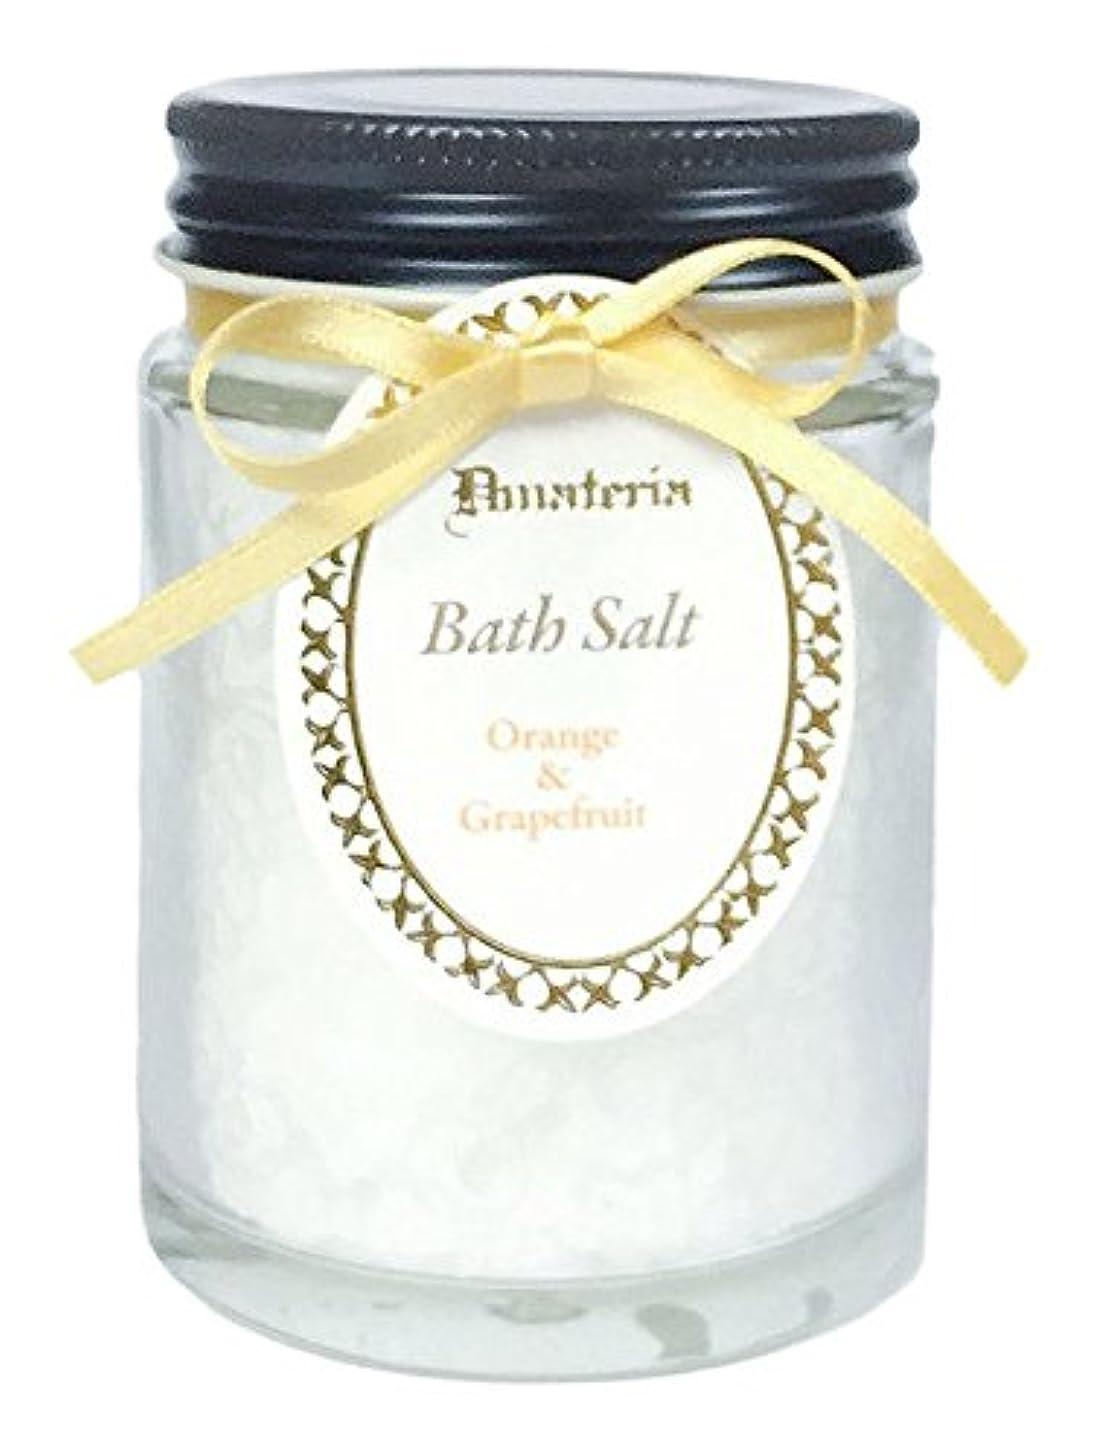 非武装化行政引き出しD materia バスソルト オレンジ&グレープフルーツ Orange&Grapefruit Bath Salt ディーマテリア